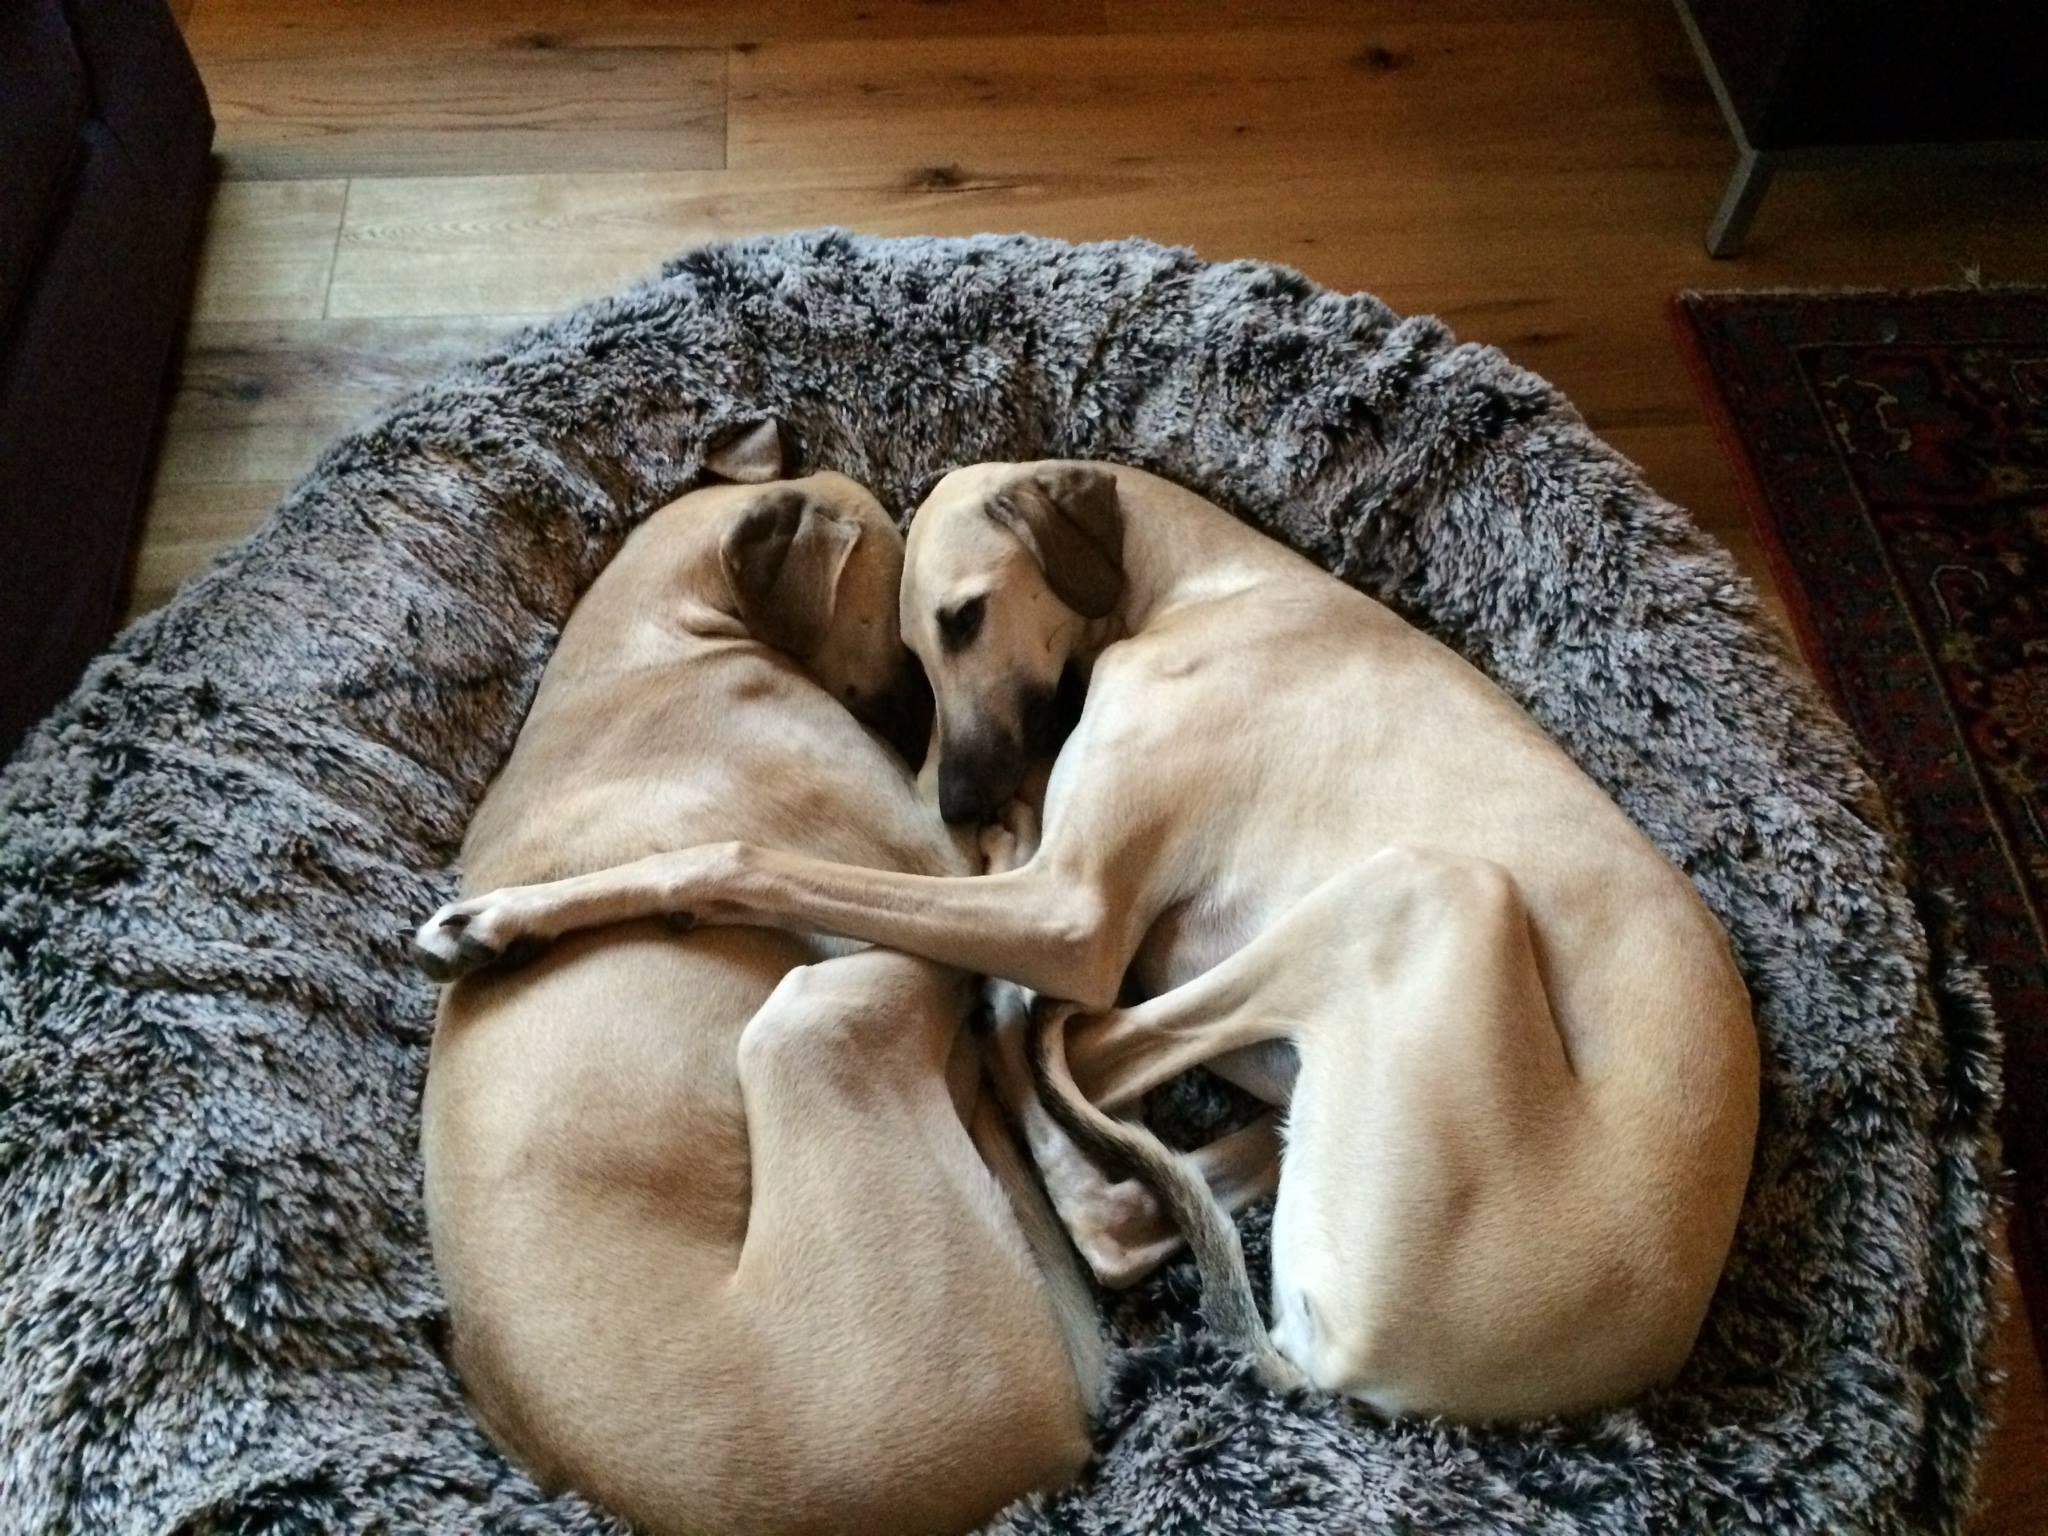 Full Size of Hundebett Wolke 125 Dogs Inn Hundeshop Cosybed Air Longhair Skunk Black Creme Wohnzimmer Hundebett Wolke 125